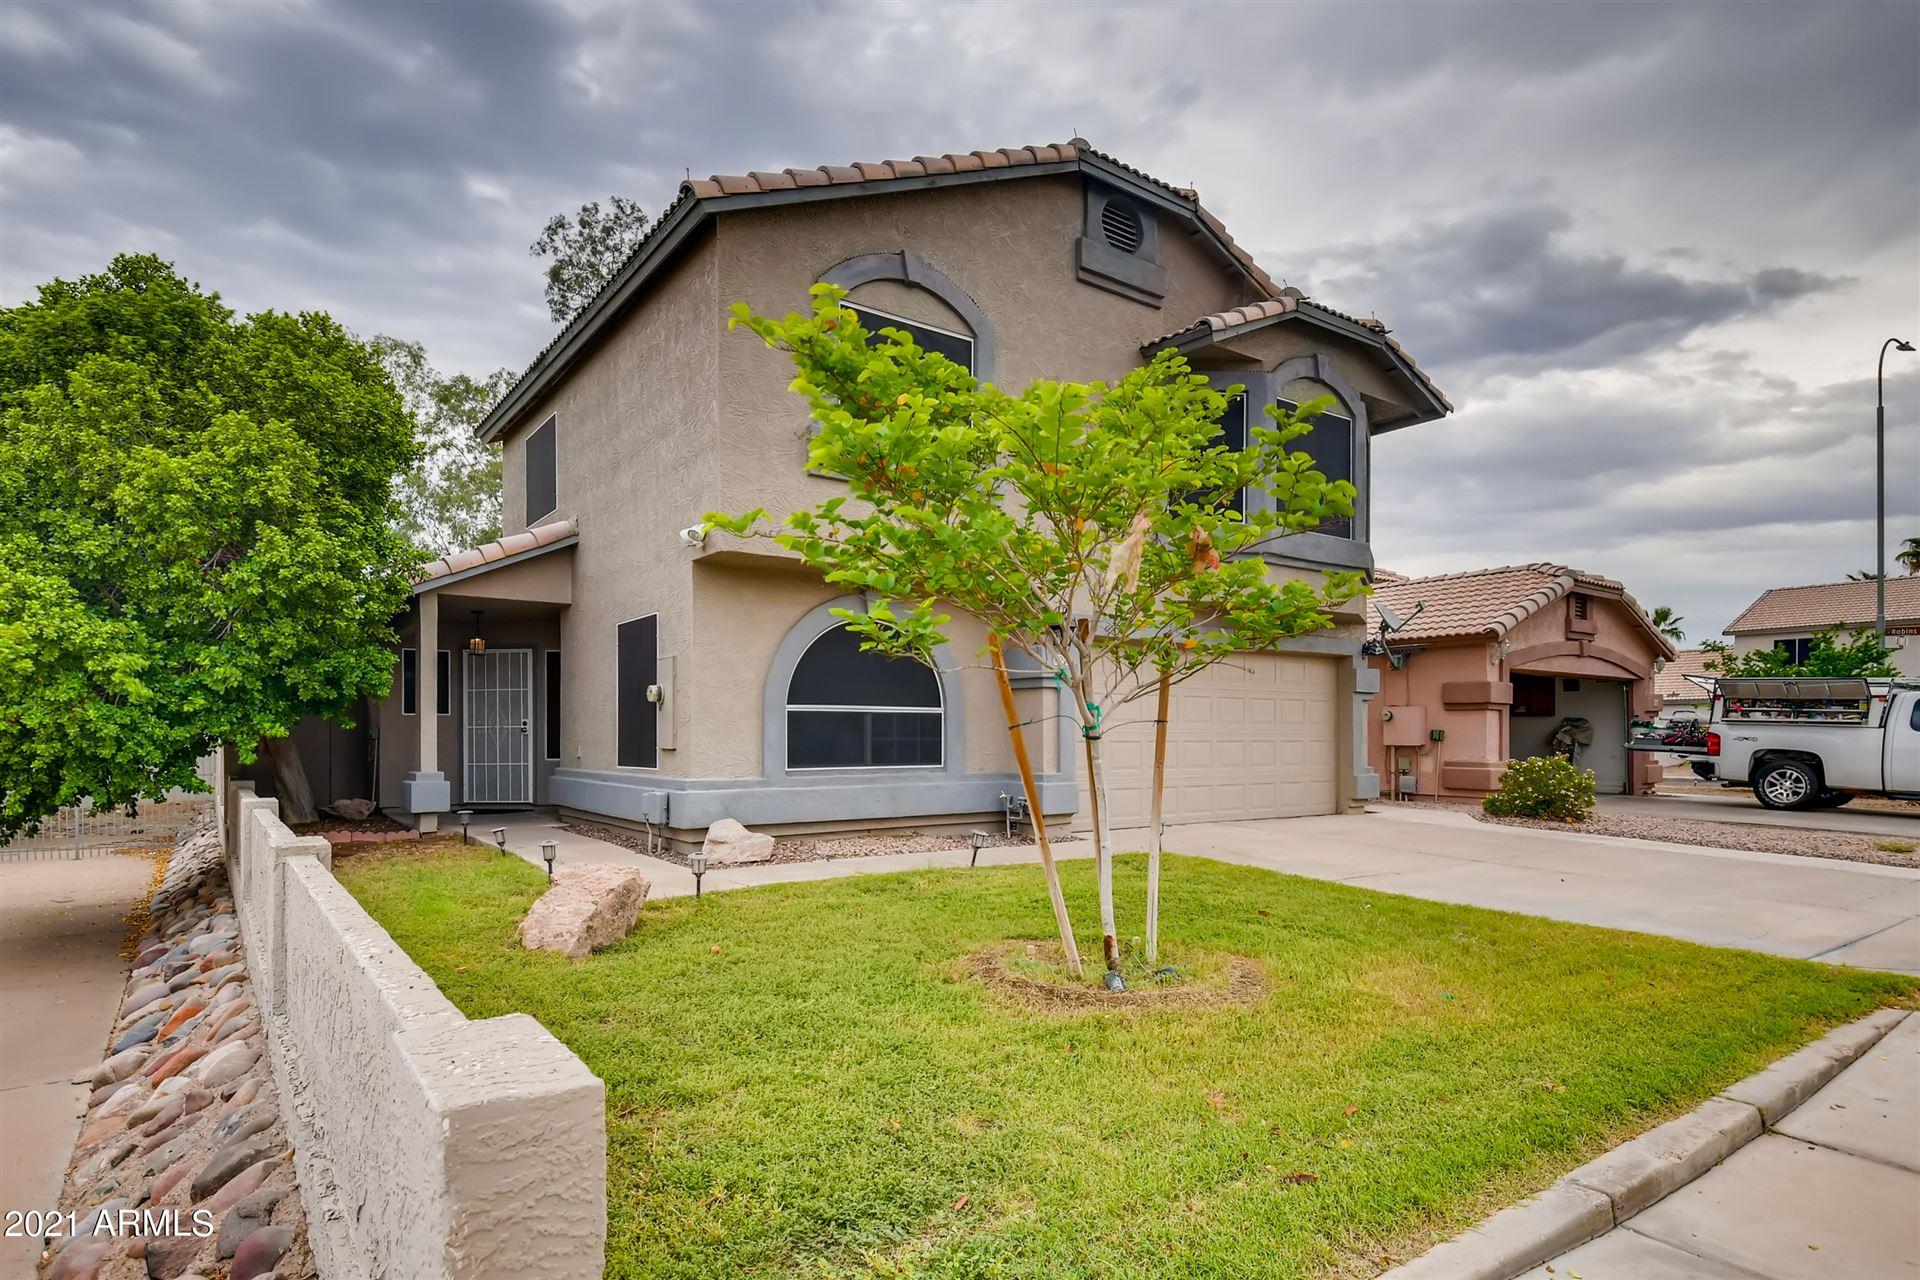 820 E ELGIN Street, Chandler, AZ 85225 - MLS#: 6276085